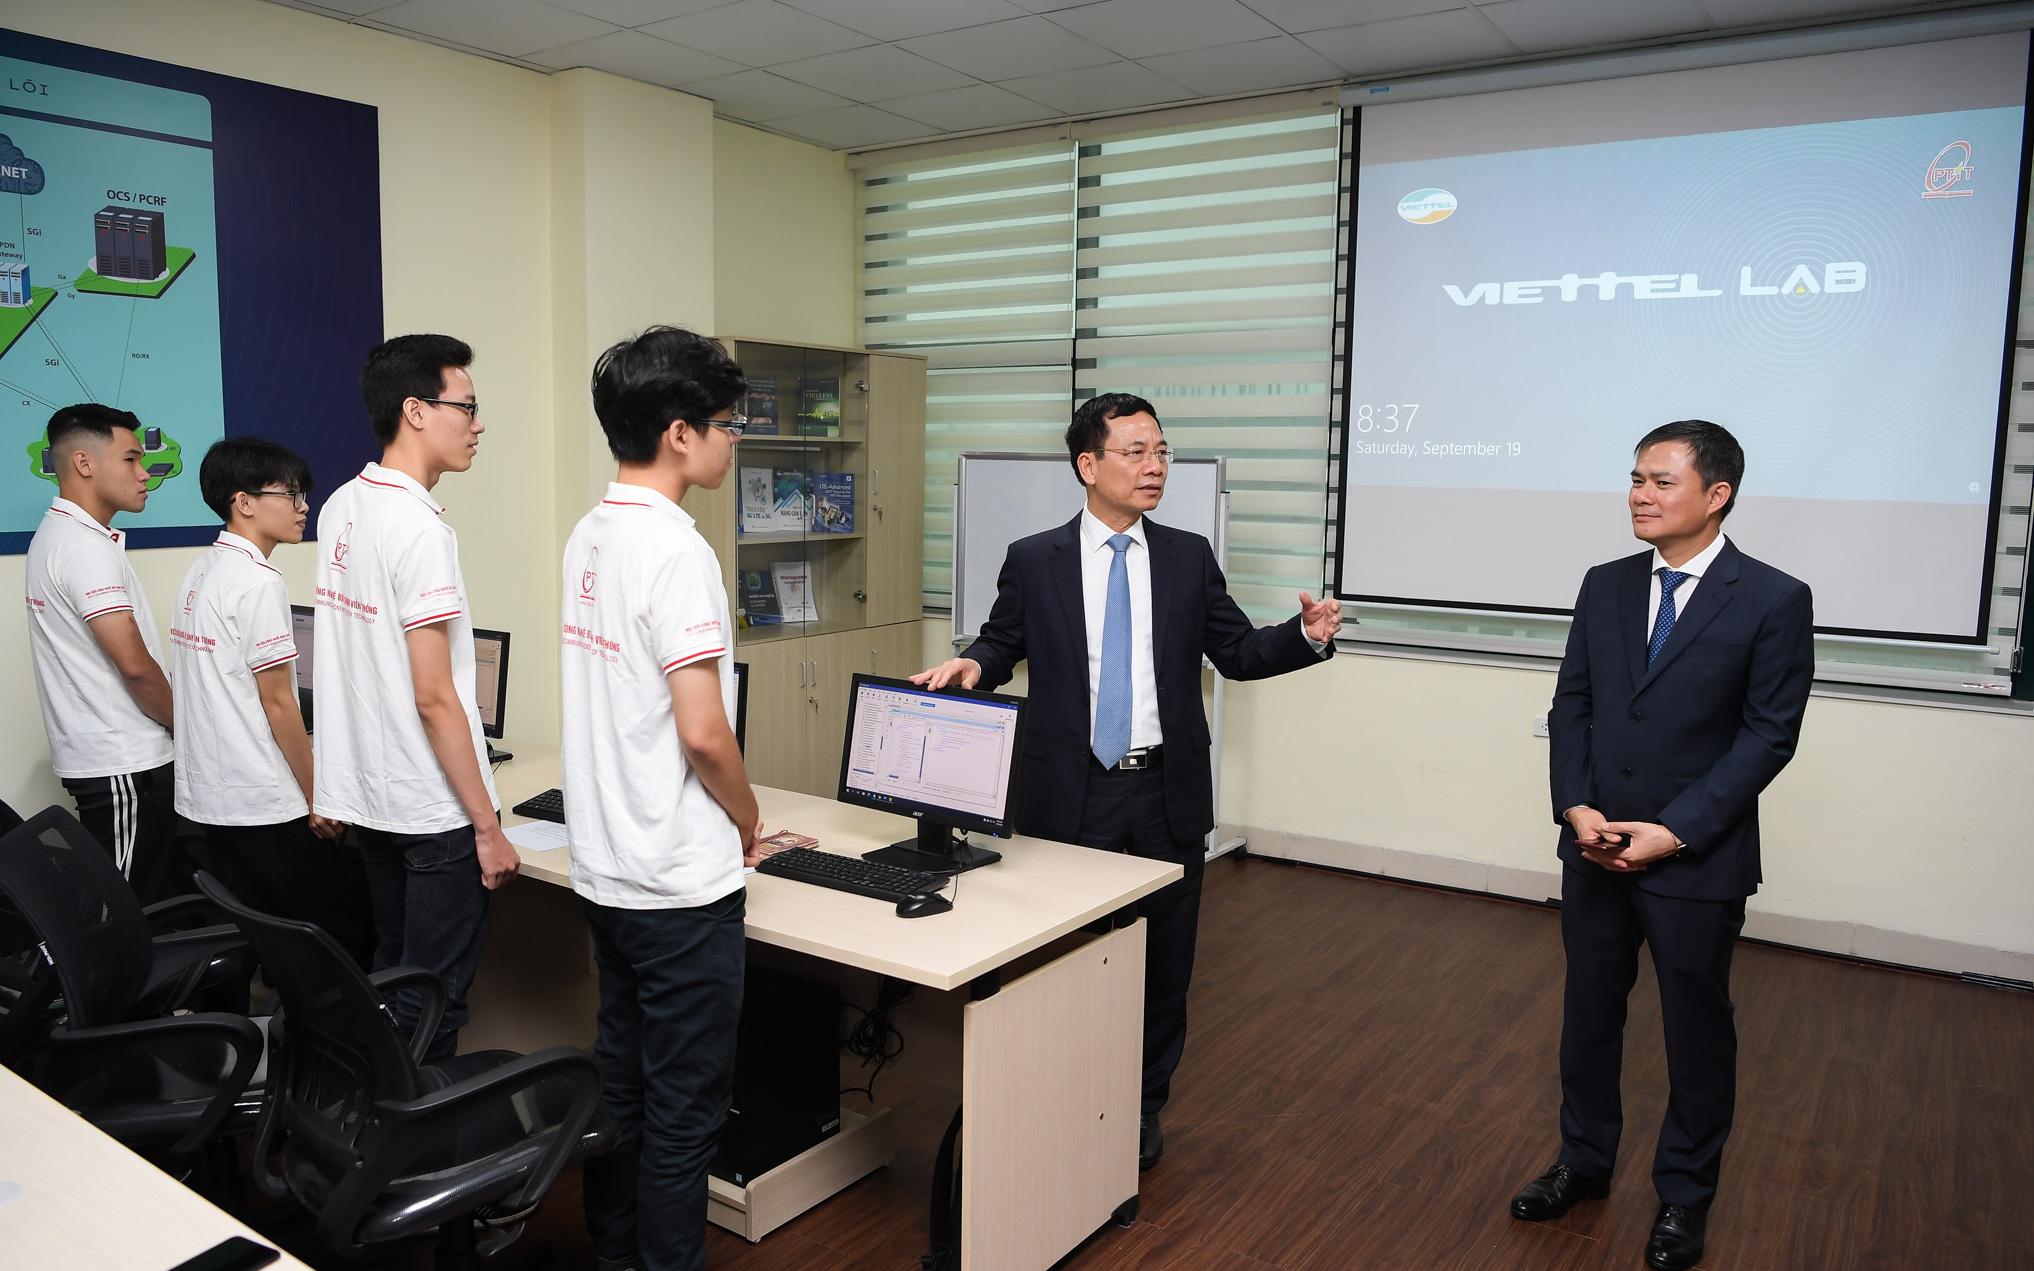 Bộ trưởng Nguyễn Mạnh Hùng: Phòng Lab 8,5 tỷ đồng là thông điệp Việt Nam làm chủ hạ tầng viễn thông Việt Nam